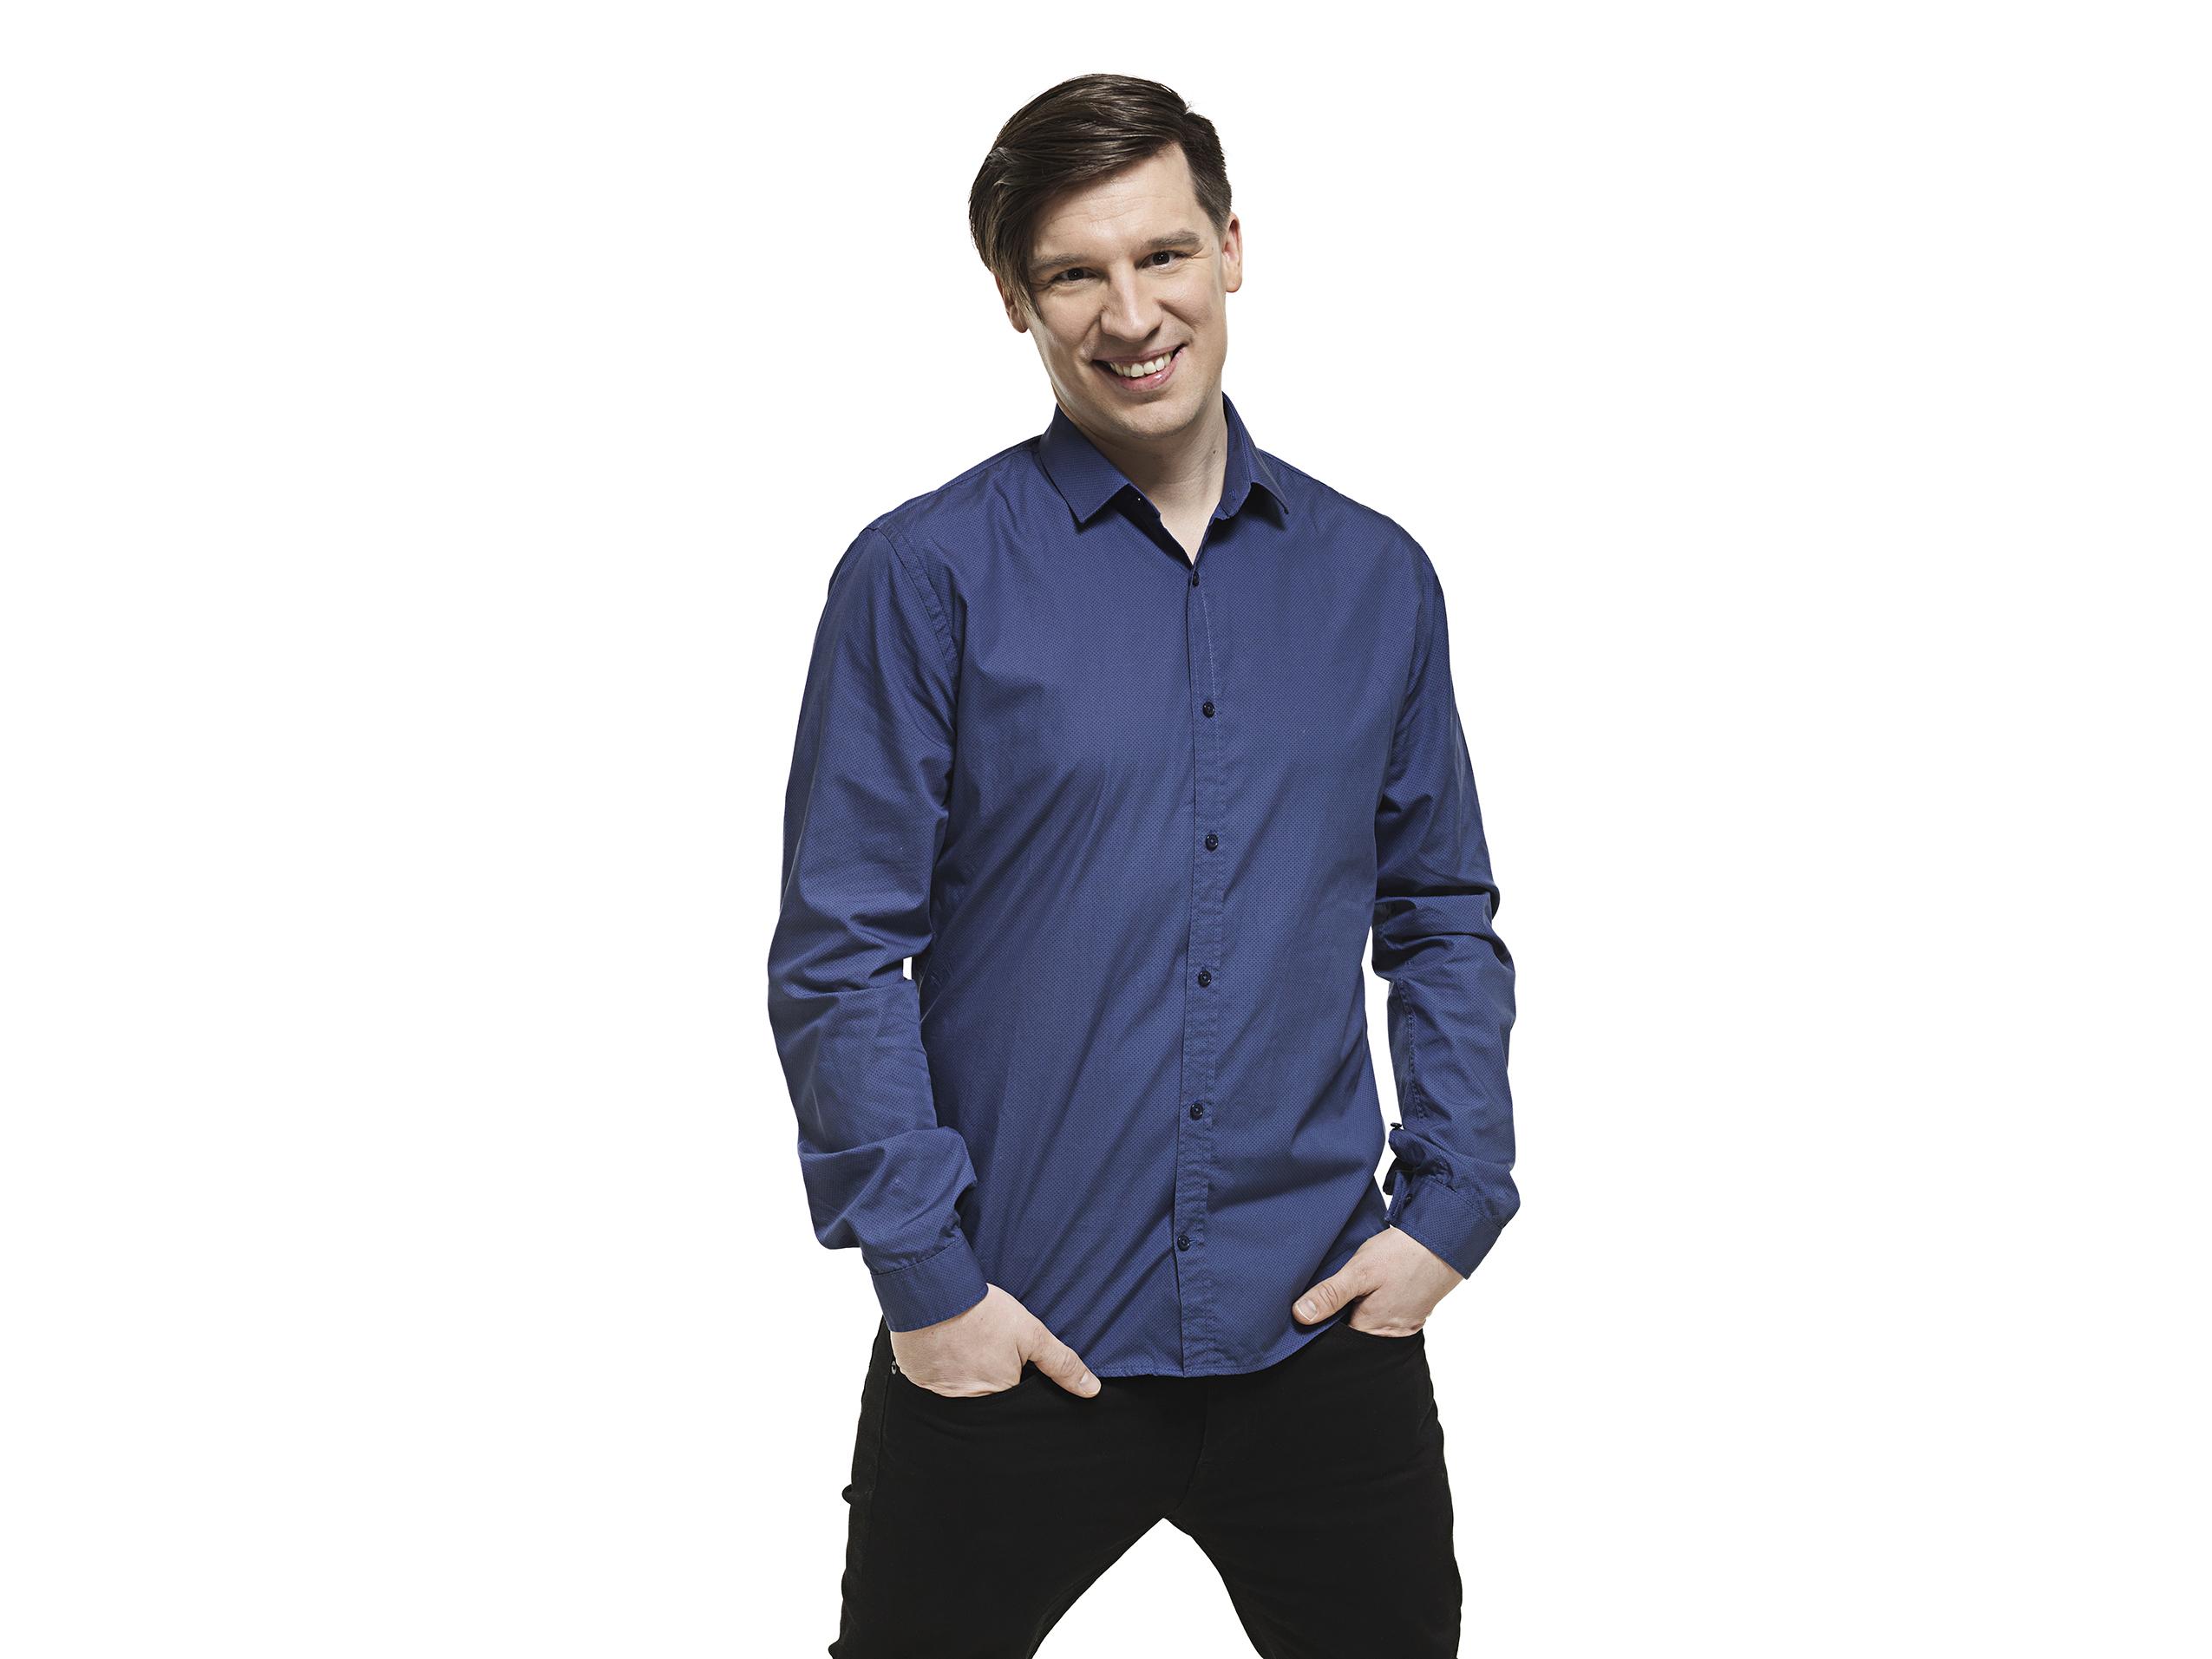 Uutta Putous-kautta tähdittävä Mikko Virtanen, 35, pitää vahvuutenaan sitä, että häntä ei juurikaan hävetä.